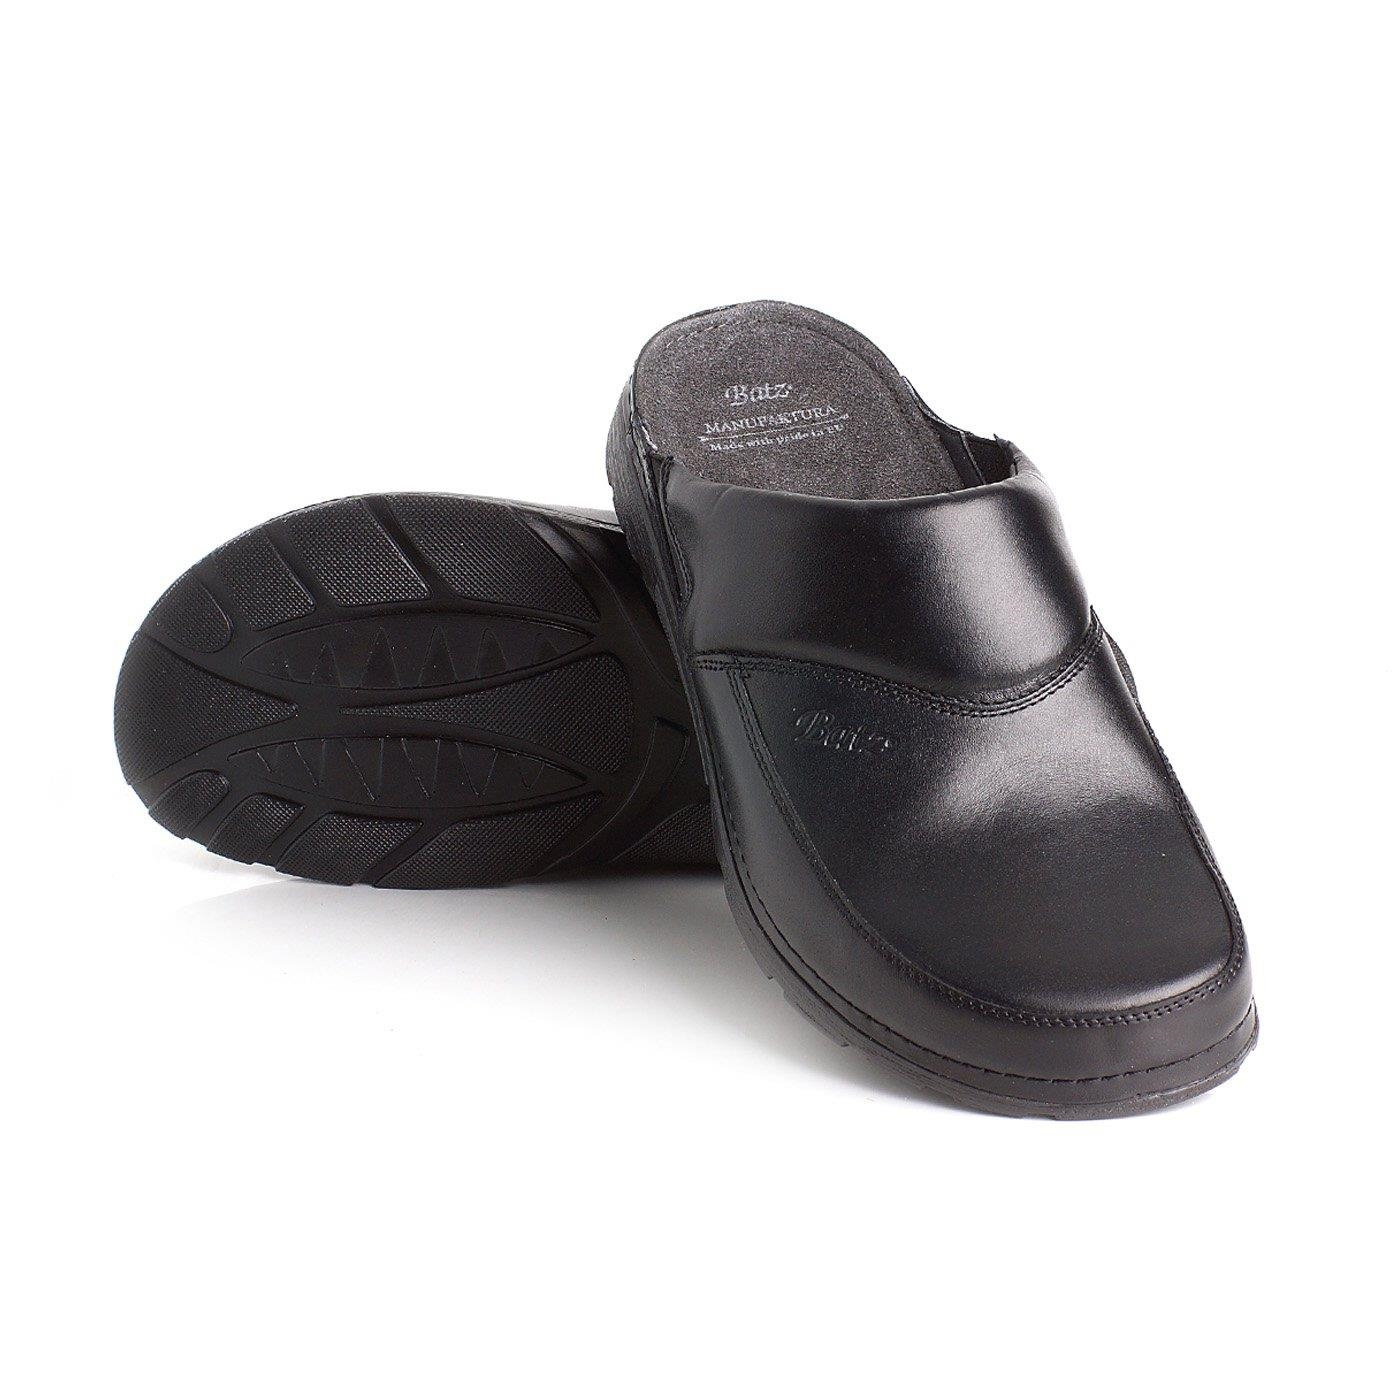 Batz pánské zdravotní pantofle Peter Black 42